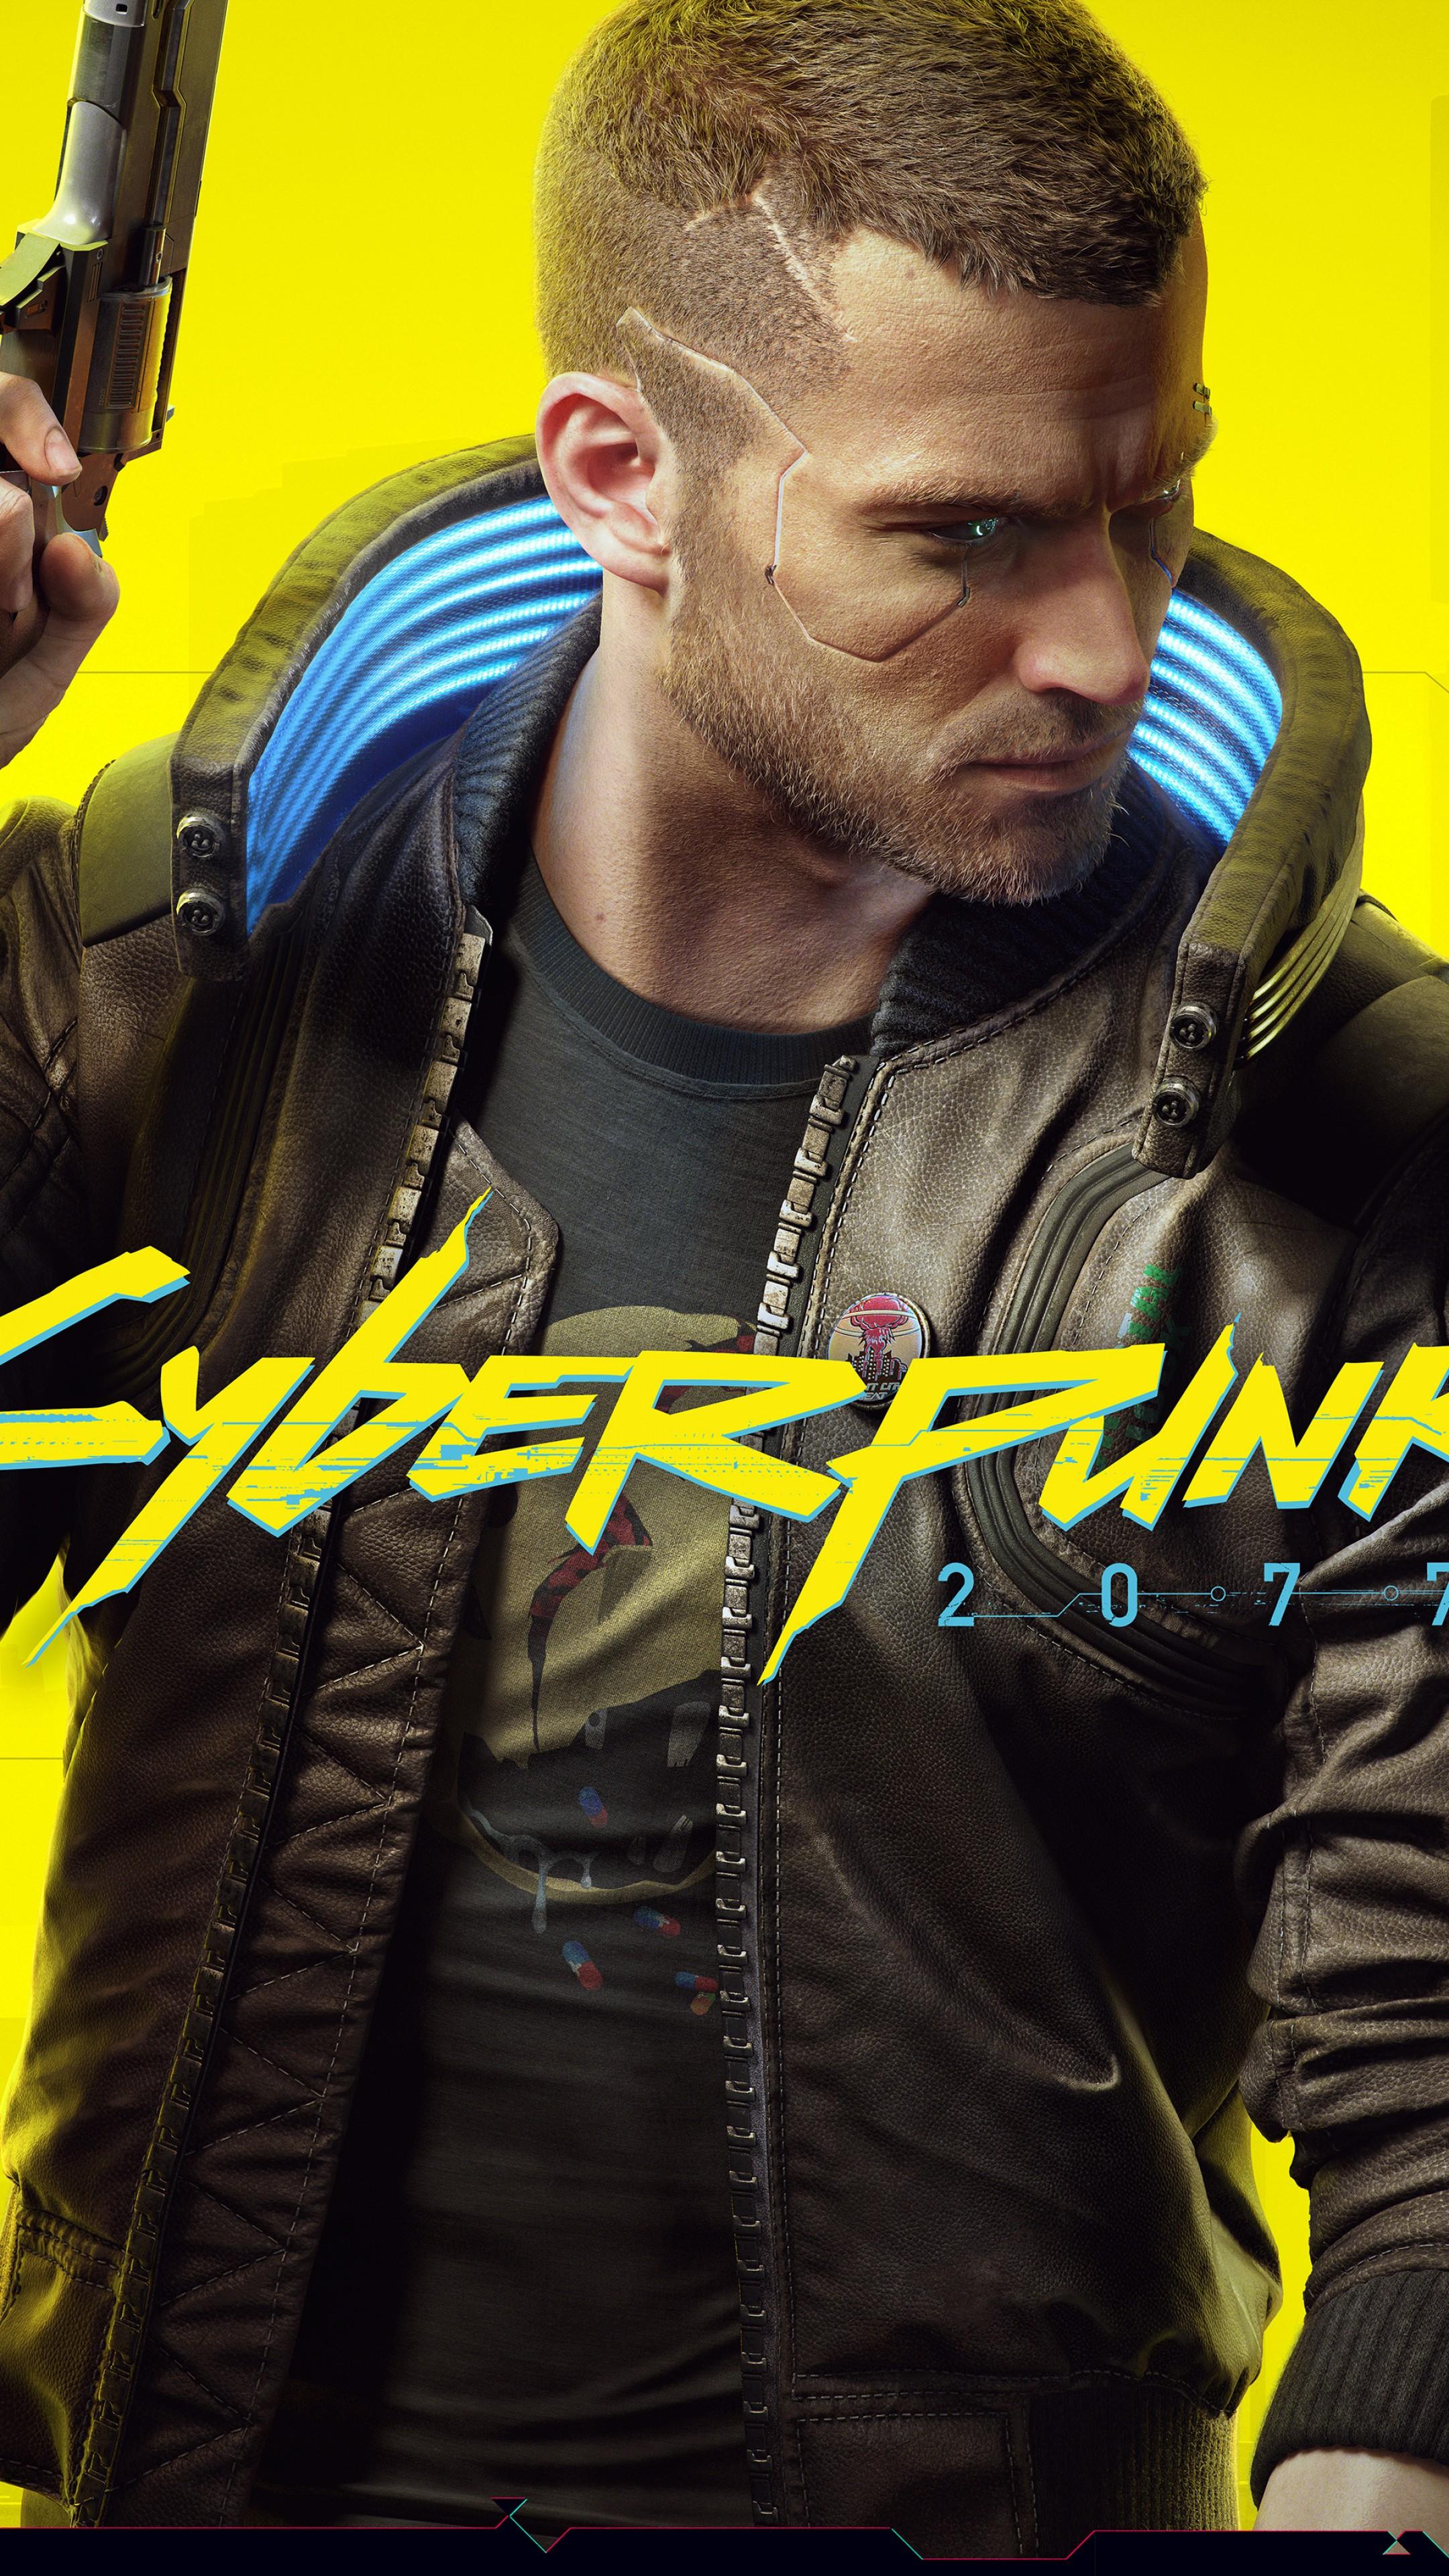 Wallpaper Cyberpunk 2077 E3 2019 Poster 5k Games 21699